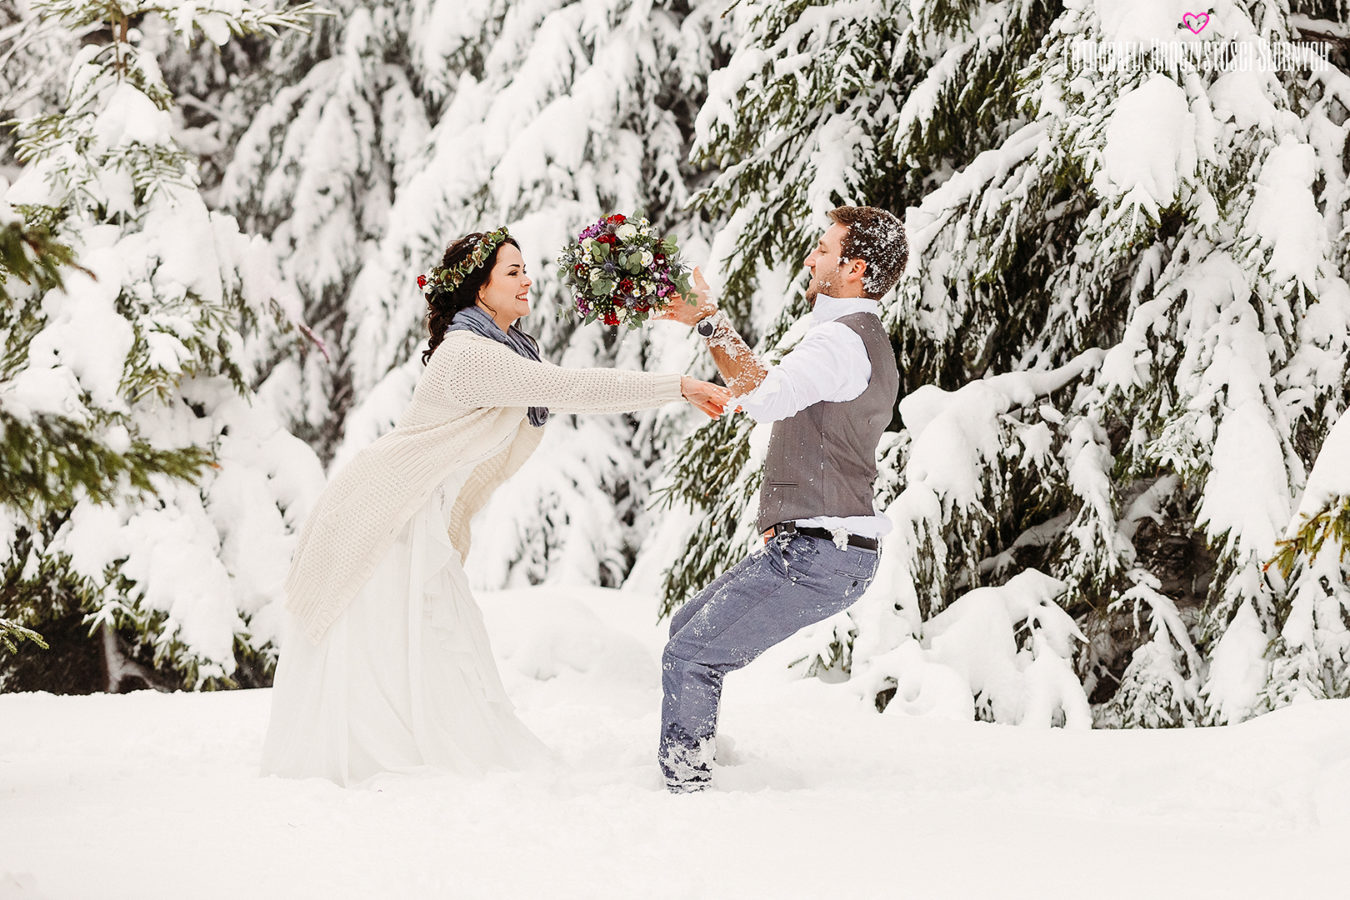 Przepiękne sesje narzeczeńskie oraz sesje ślubne plenerowe w lasach, górach, w Karkonoszach - fotografia ślubna Jelenia Góra